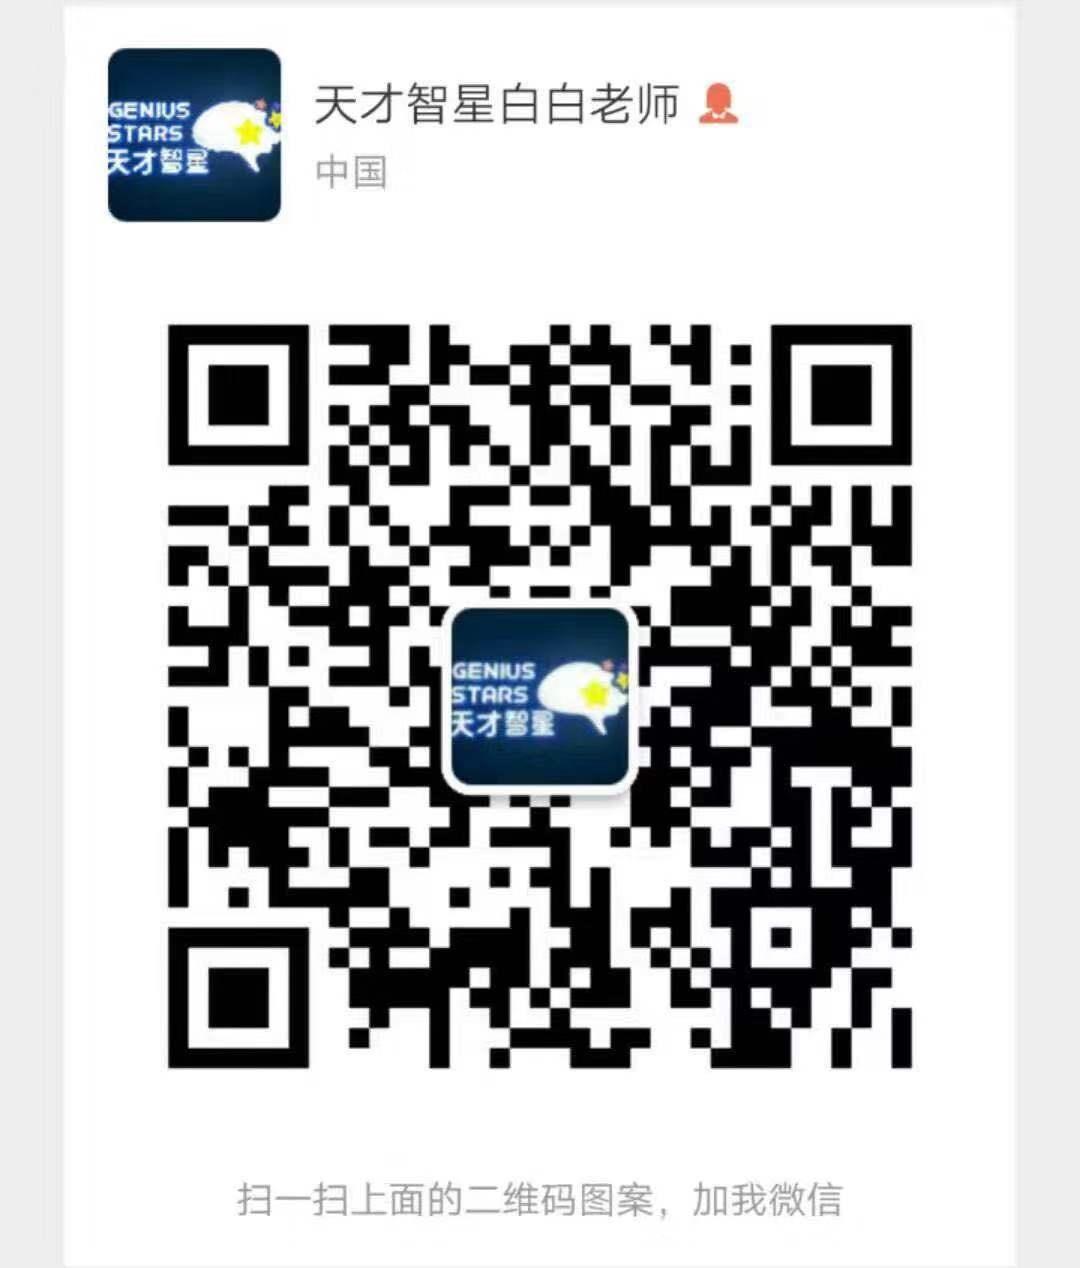 微信图片_20190727123201.jpg